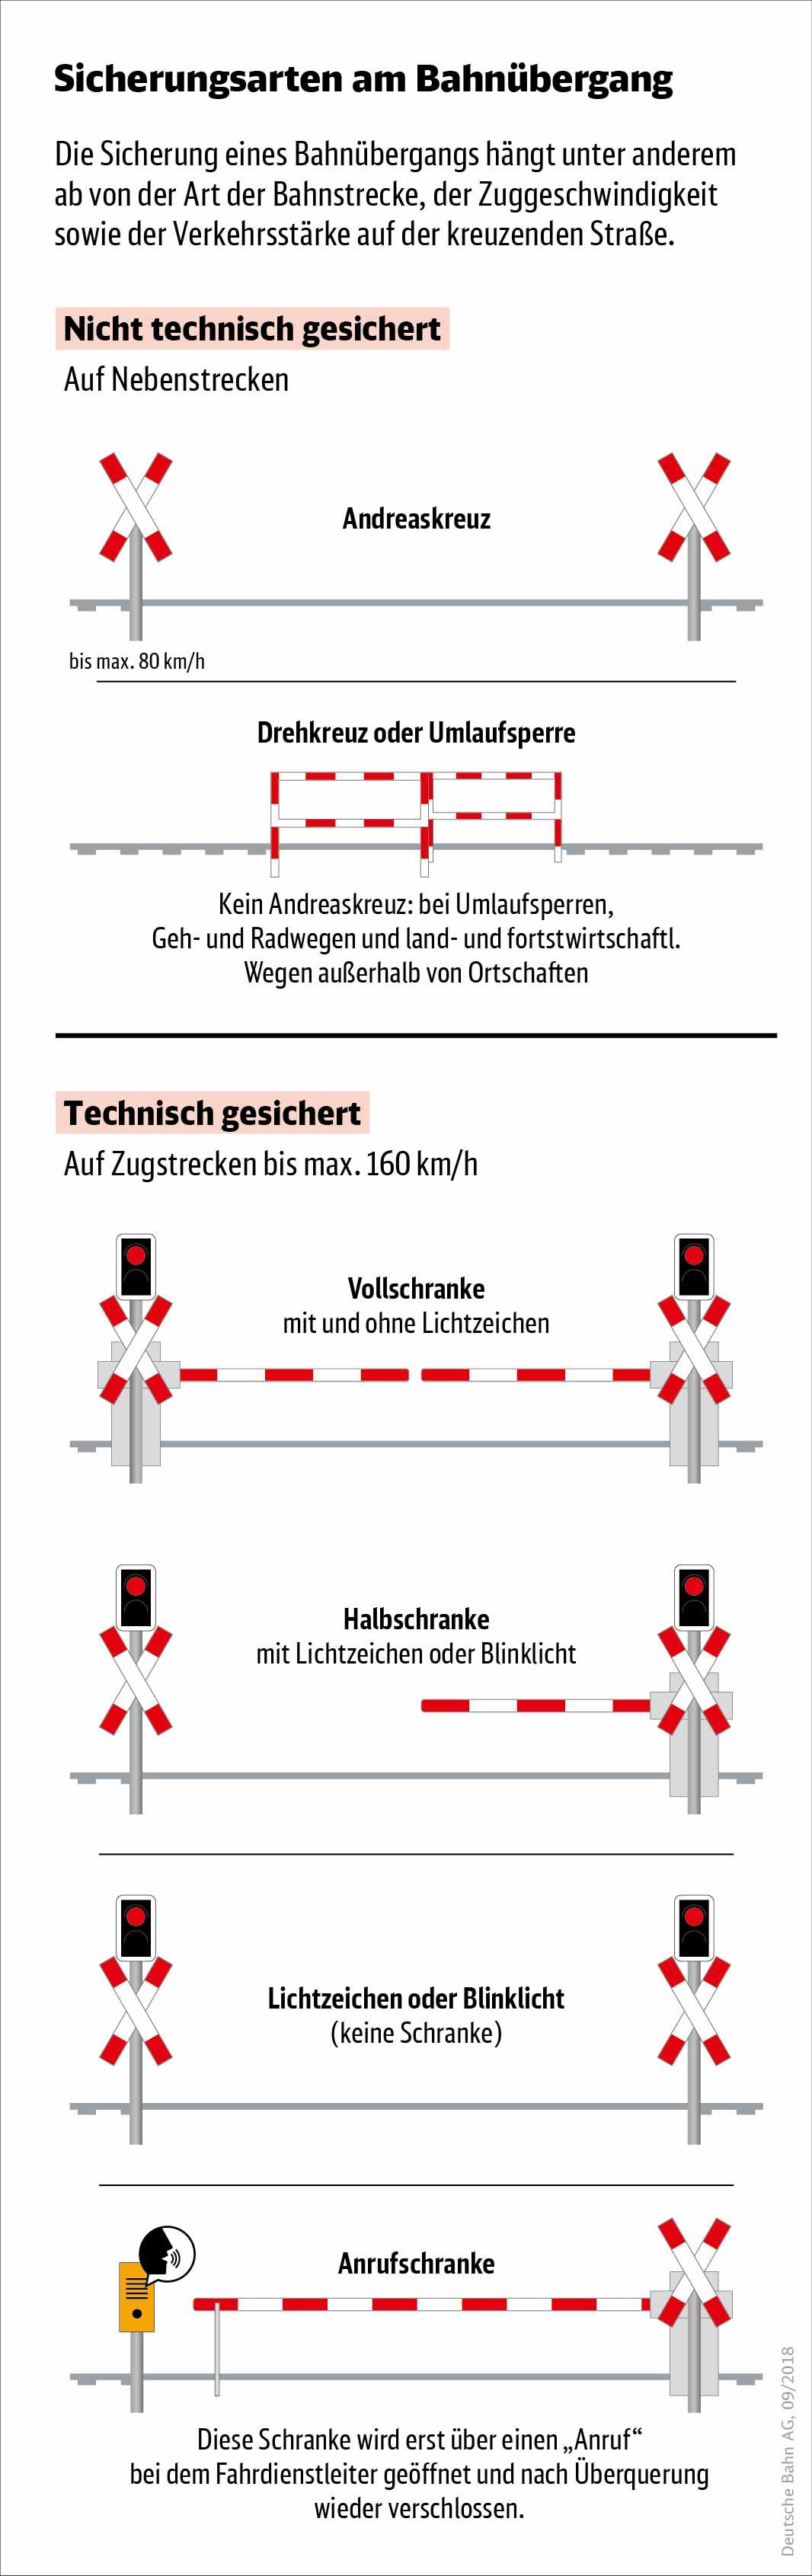 Infografik: Sicherungsarten am Bahnübergang